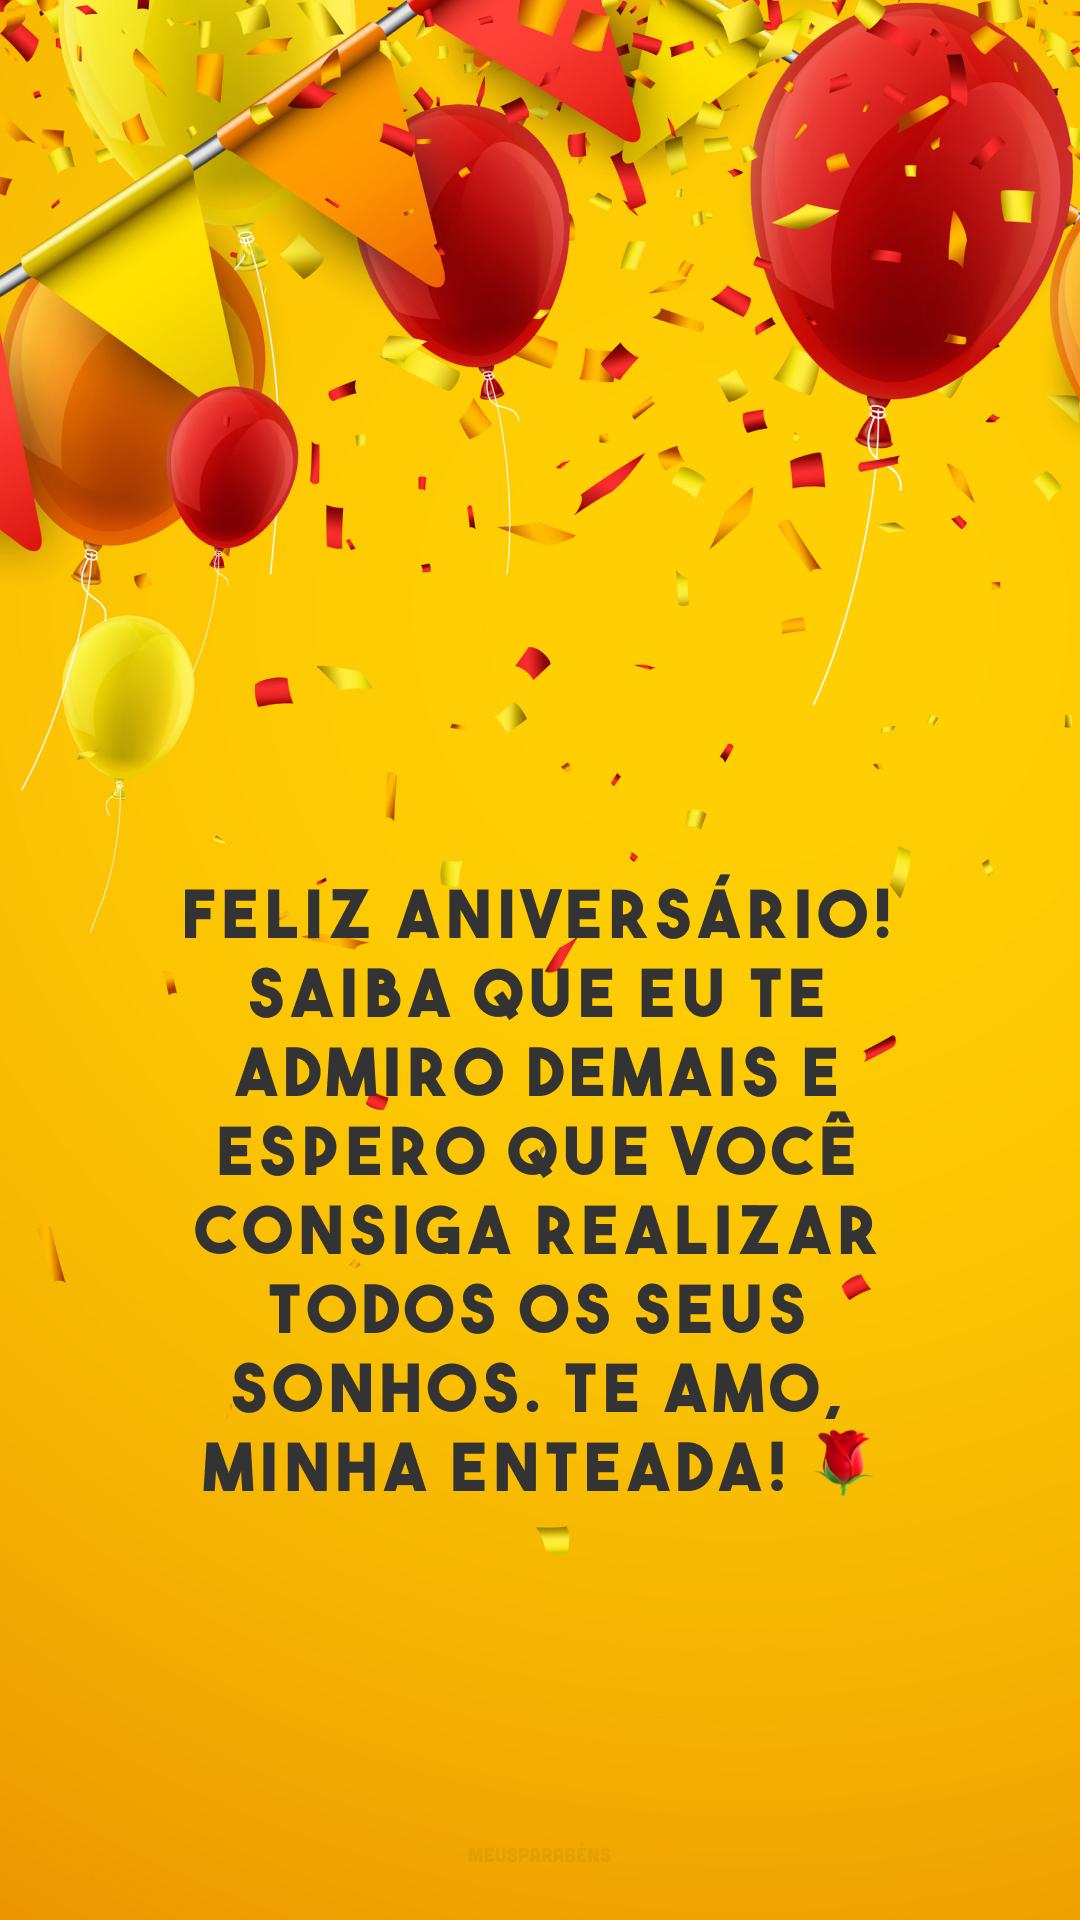 Feliz aniversário! Saiba que eu te admiro demais e espero que você consiga realizar todos os seus sonhos. Te amo, minha enteada! 🌹